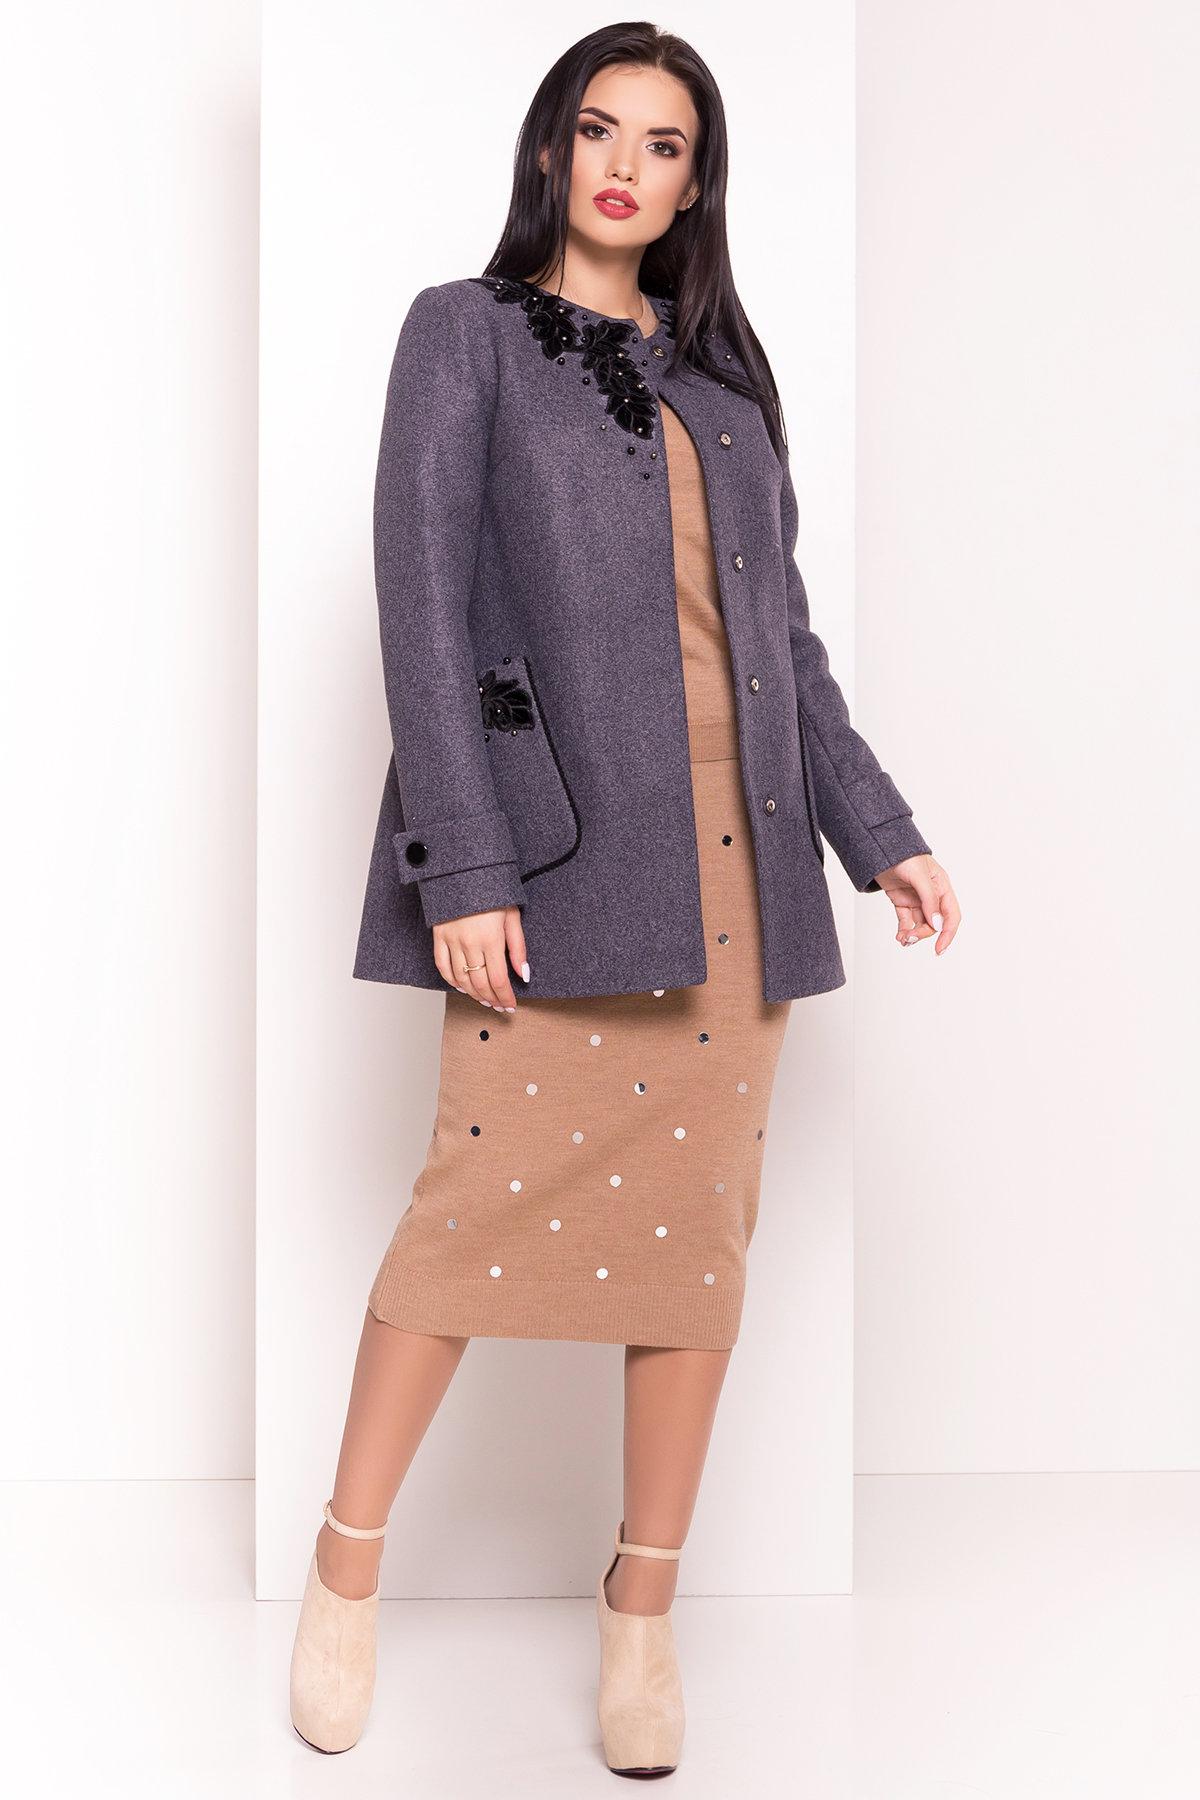 Укороченное пальто-трапеция с вышивкой Латта 5526 Цвет: Серый/голубой 43